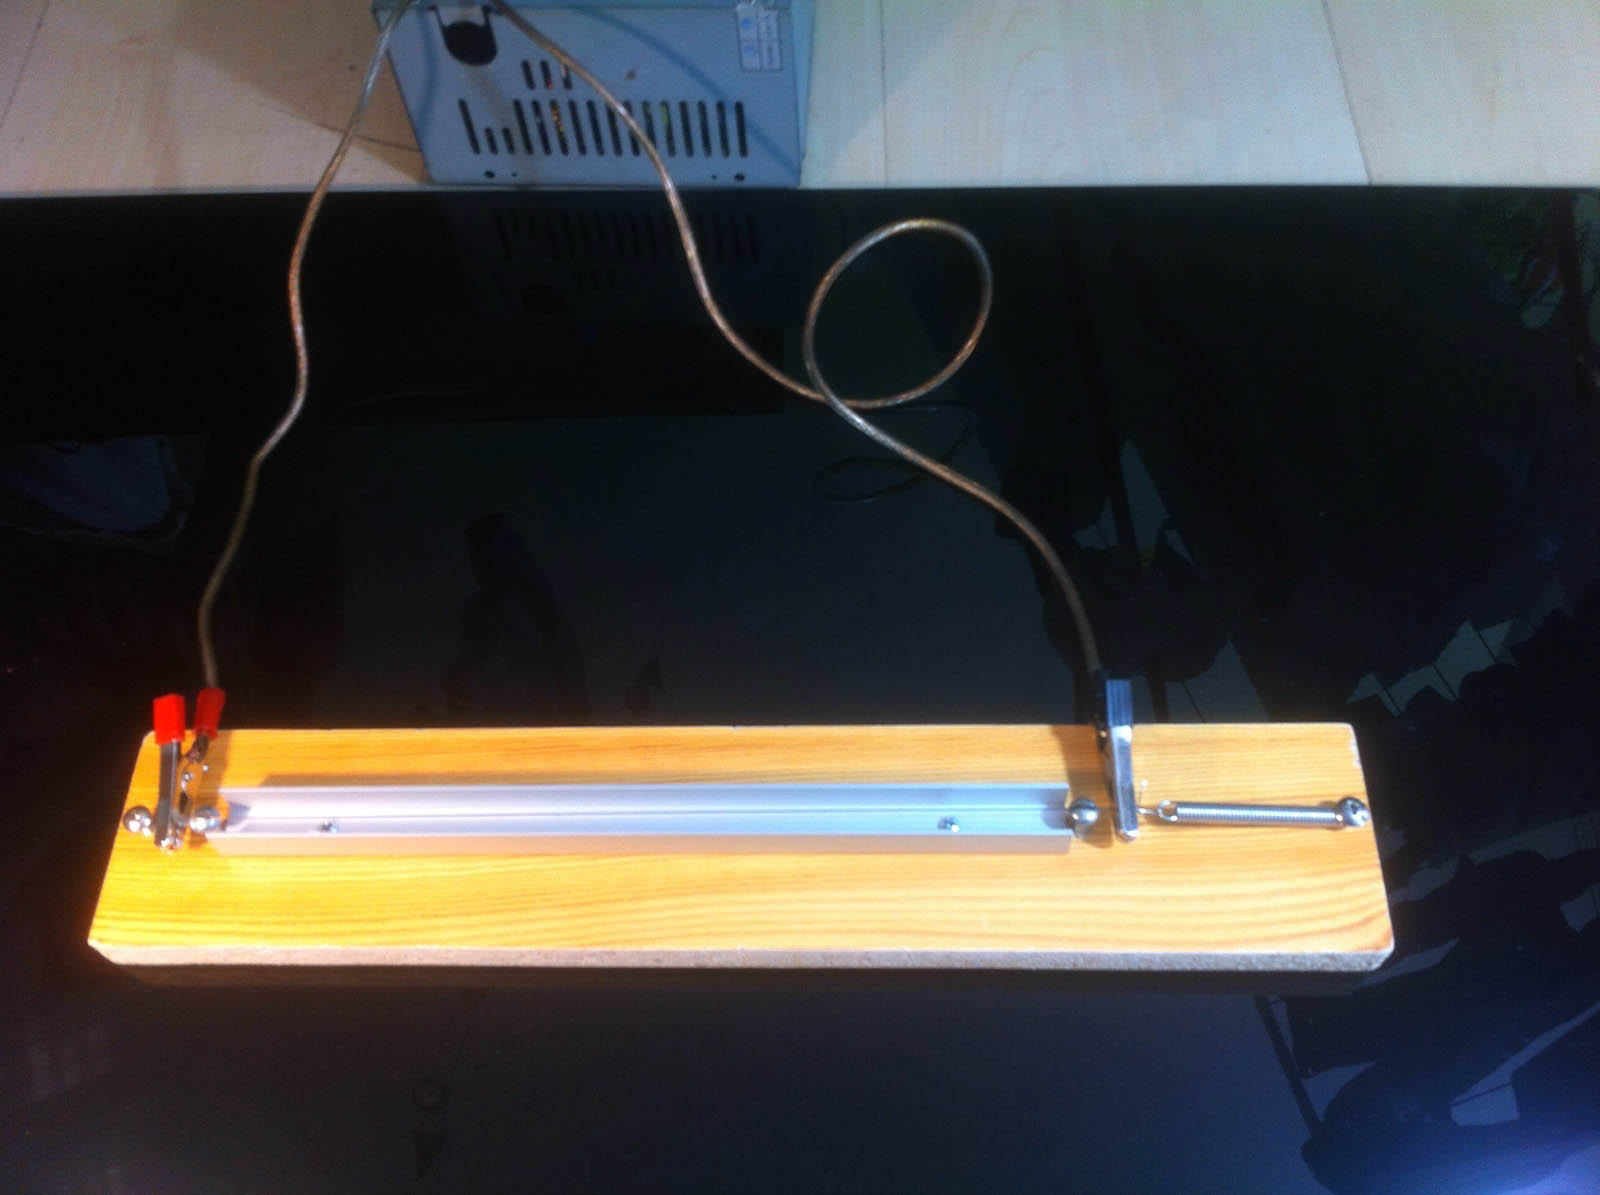 Häufig Plexiglas biegen - Acrylglas Biegemaschine Biegevorrichtung HX18